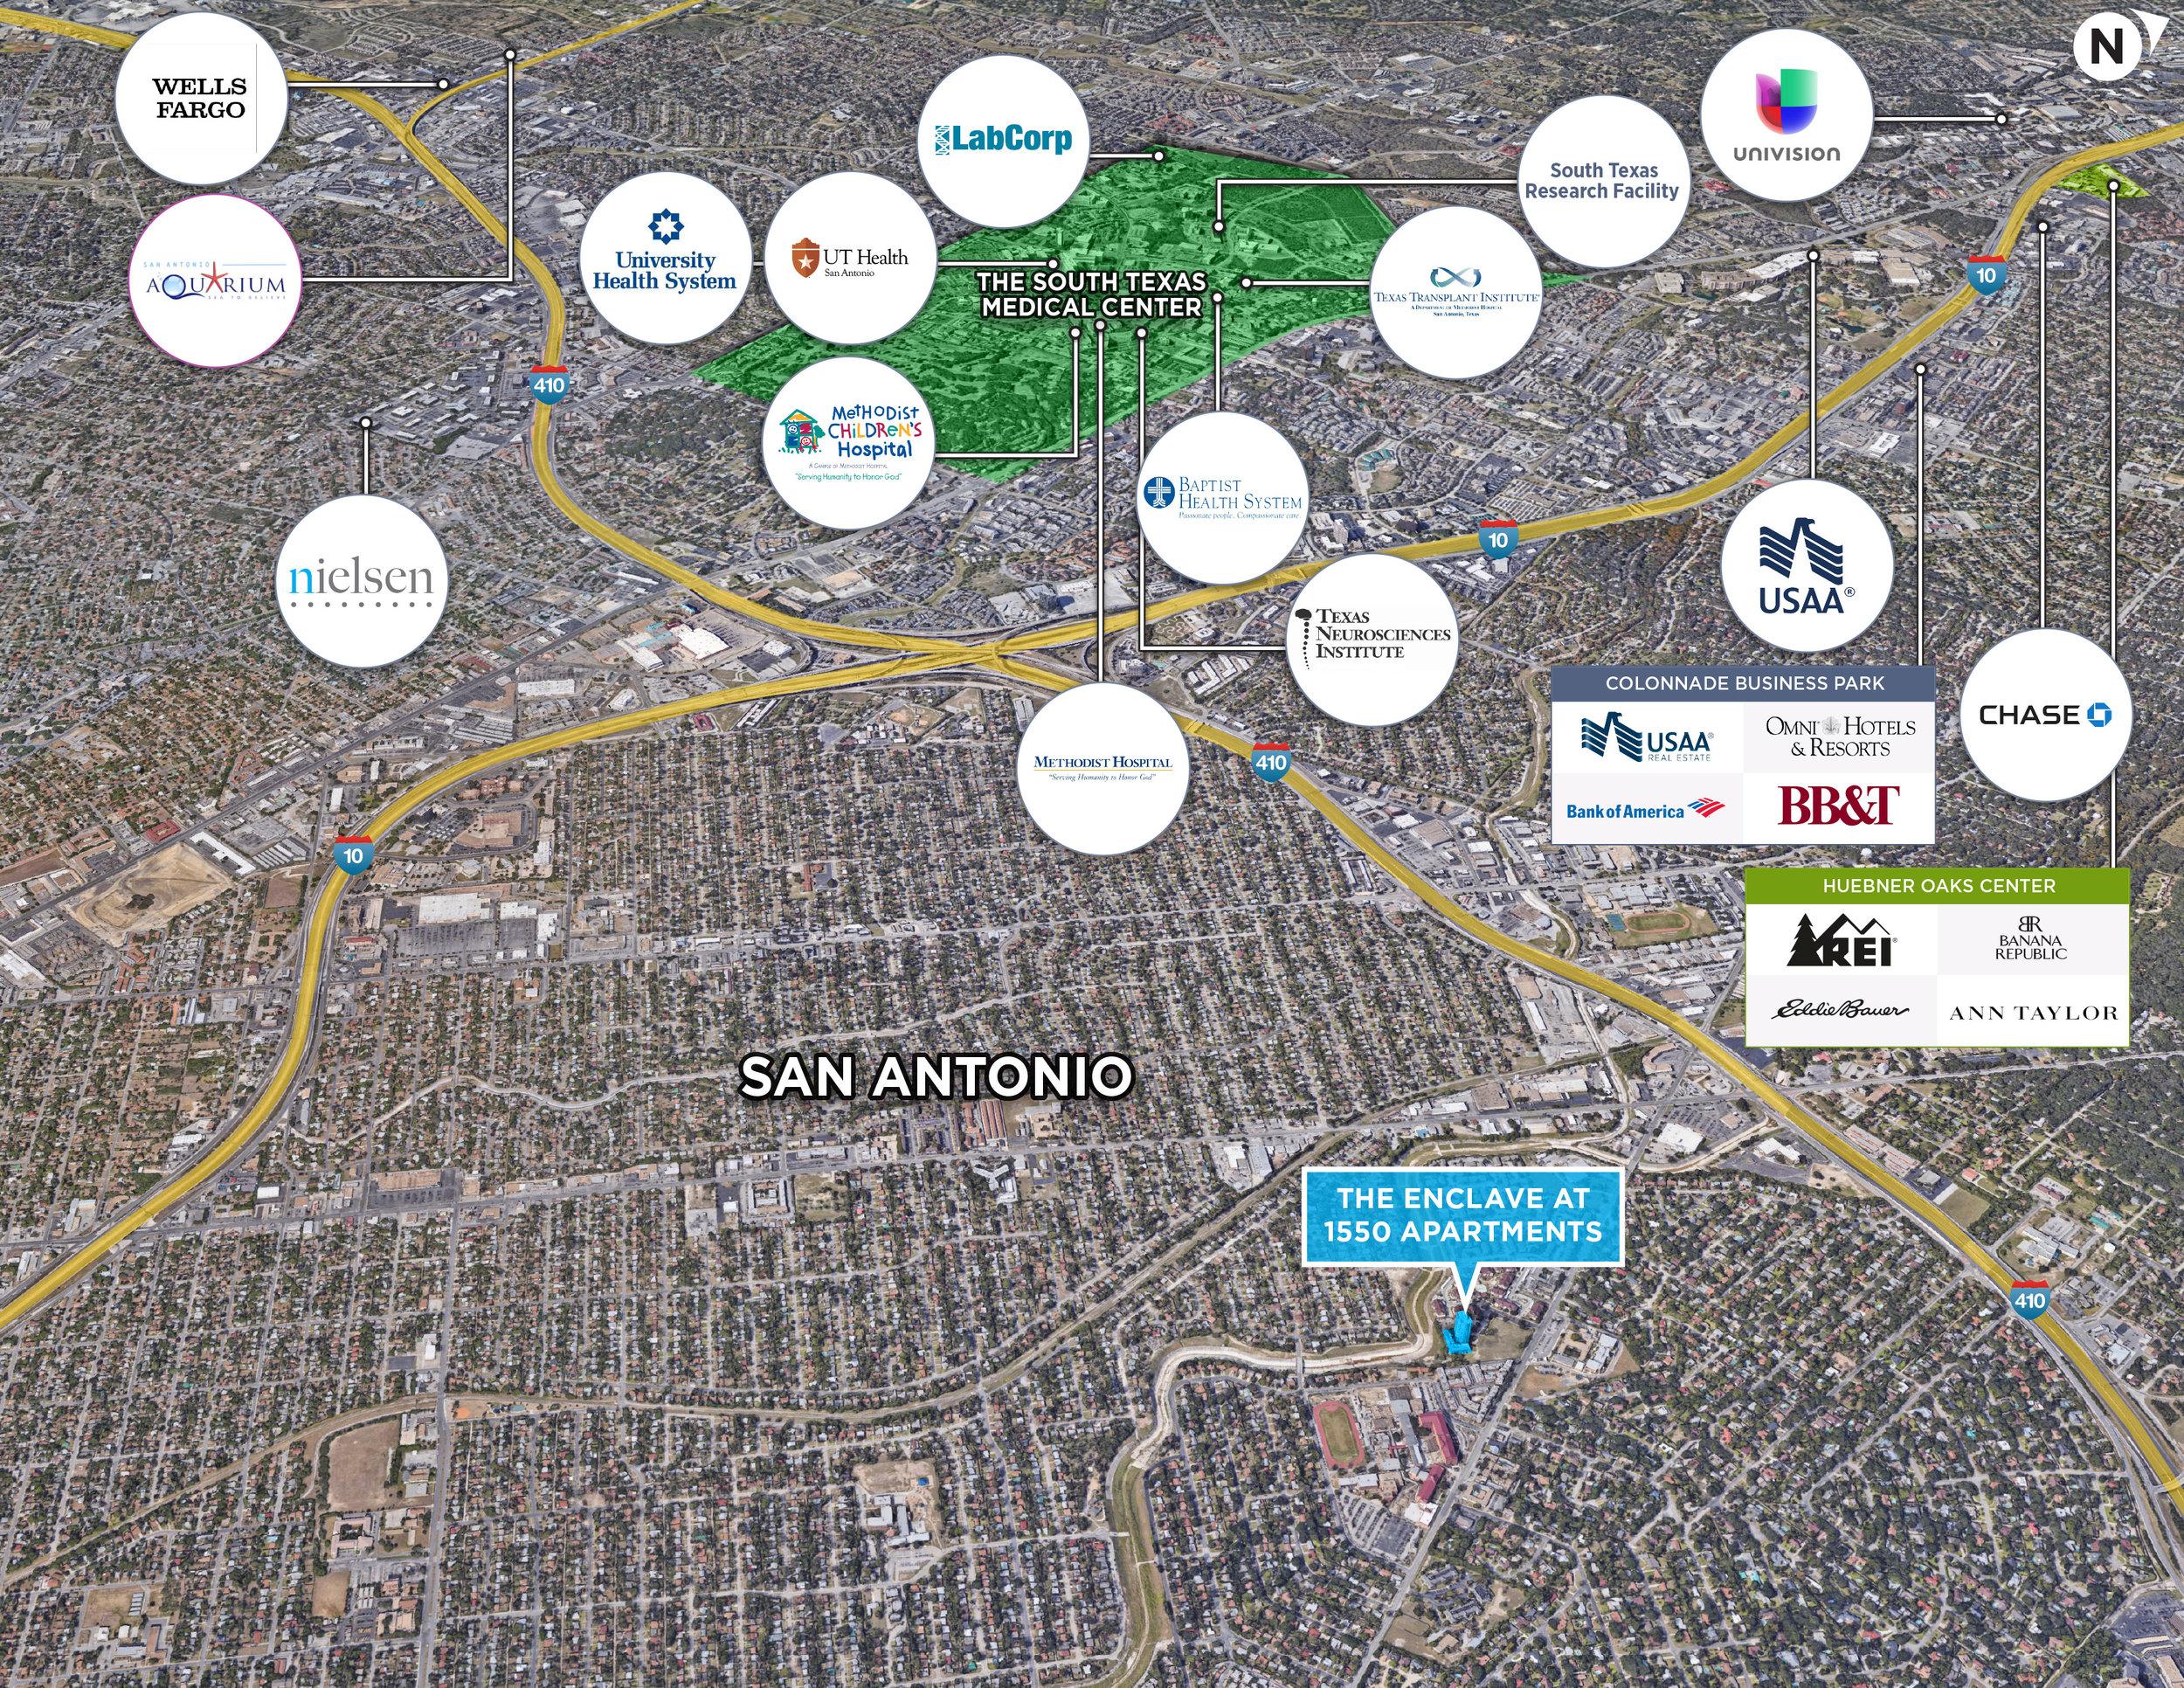 2 Enclave 1550 San Antonio TX Aerial Two4.jpg